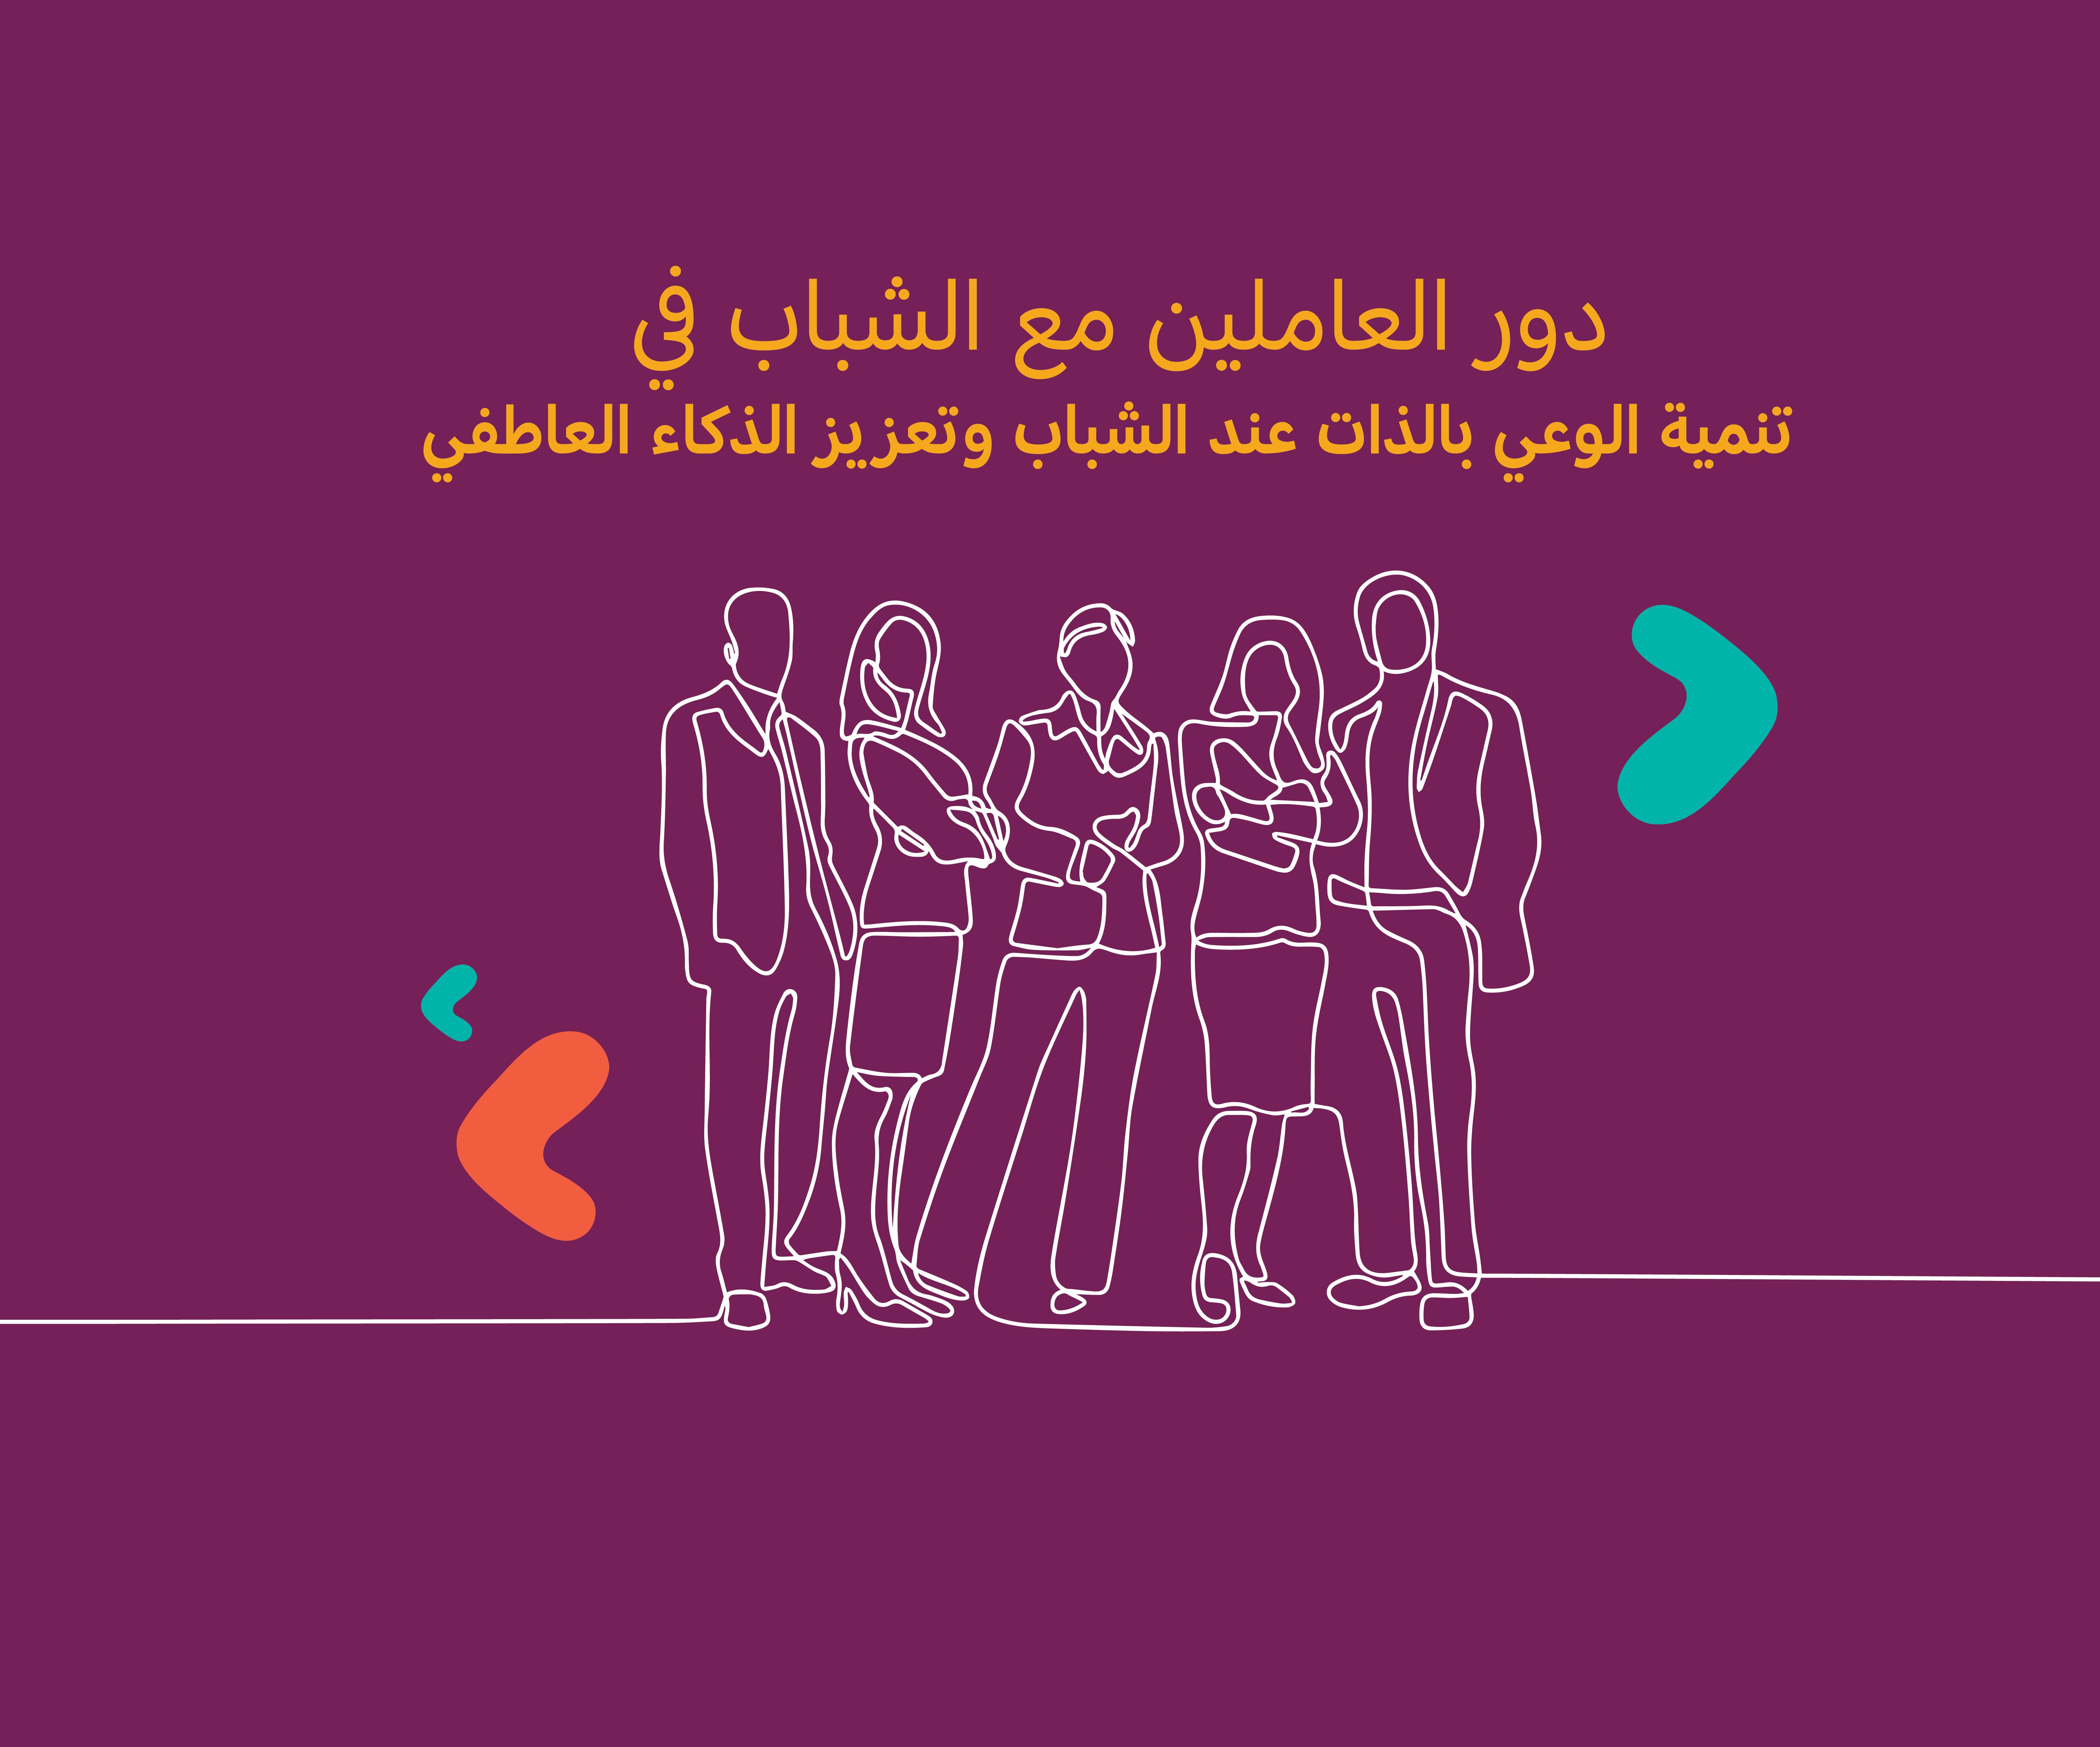 دور العاملين مع الشباب في تنمية الوعي بالذات عند الشباب...